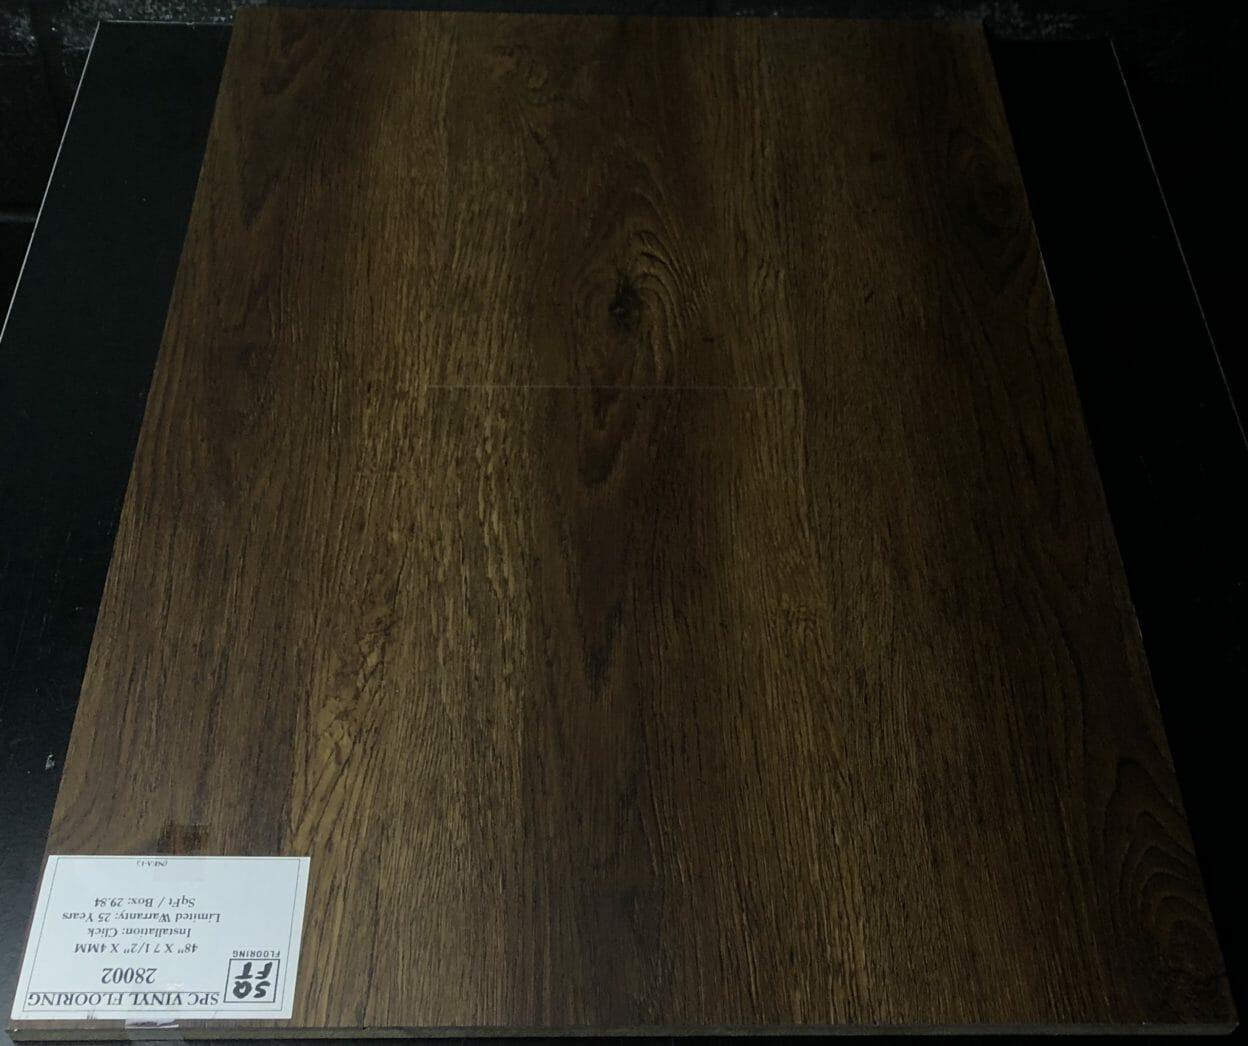 Butterscotch CSTD Red Oak Engineered Flooring (Click) Image